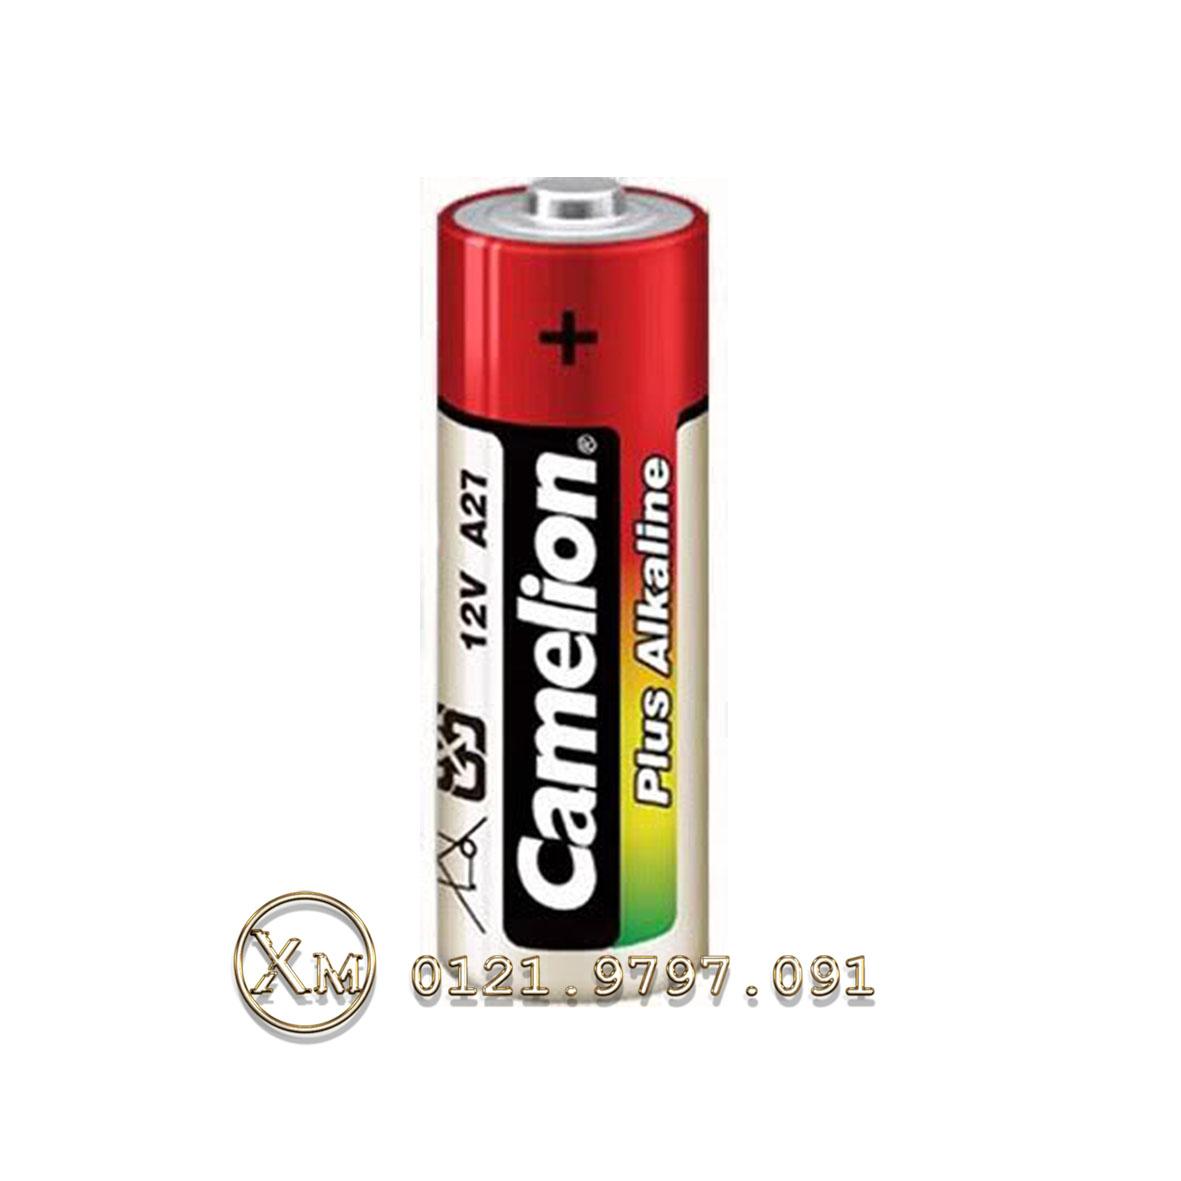 Phân phối pin, sạc camelion, thẻ nhớ chính hãng giá tốt nhất - 32